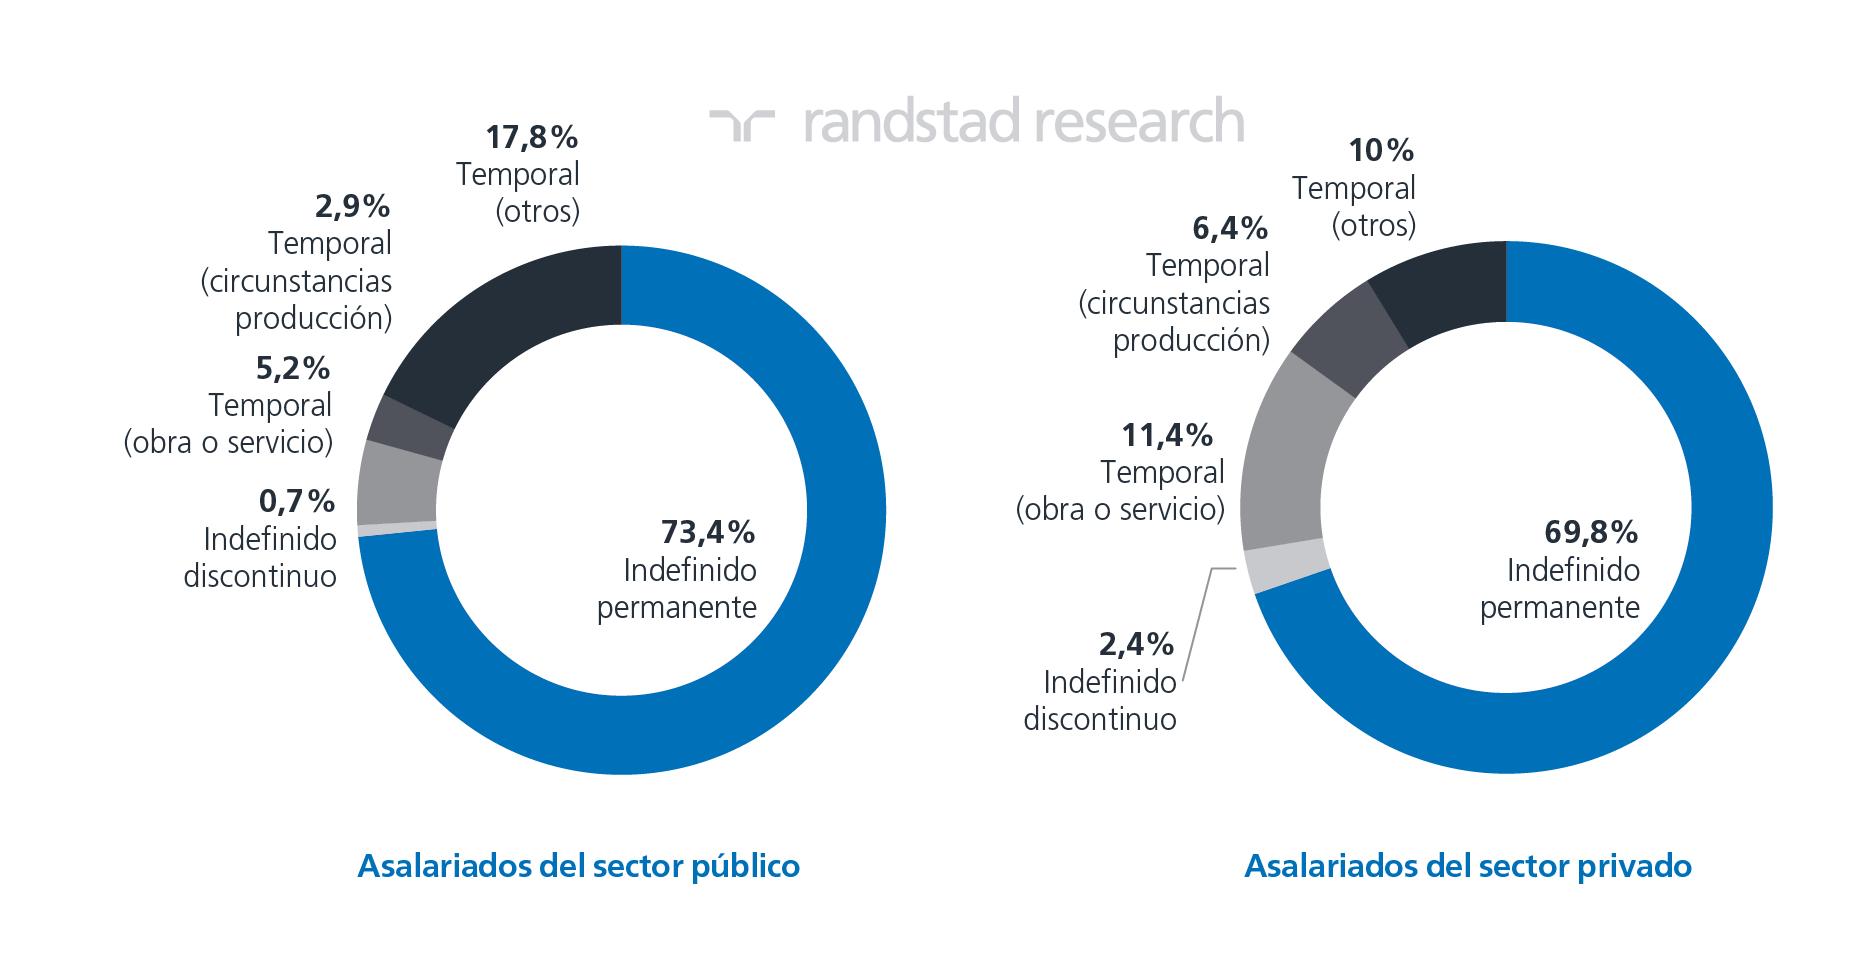 Asalariados sector privado y público por tipo de relación laboral.